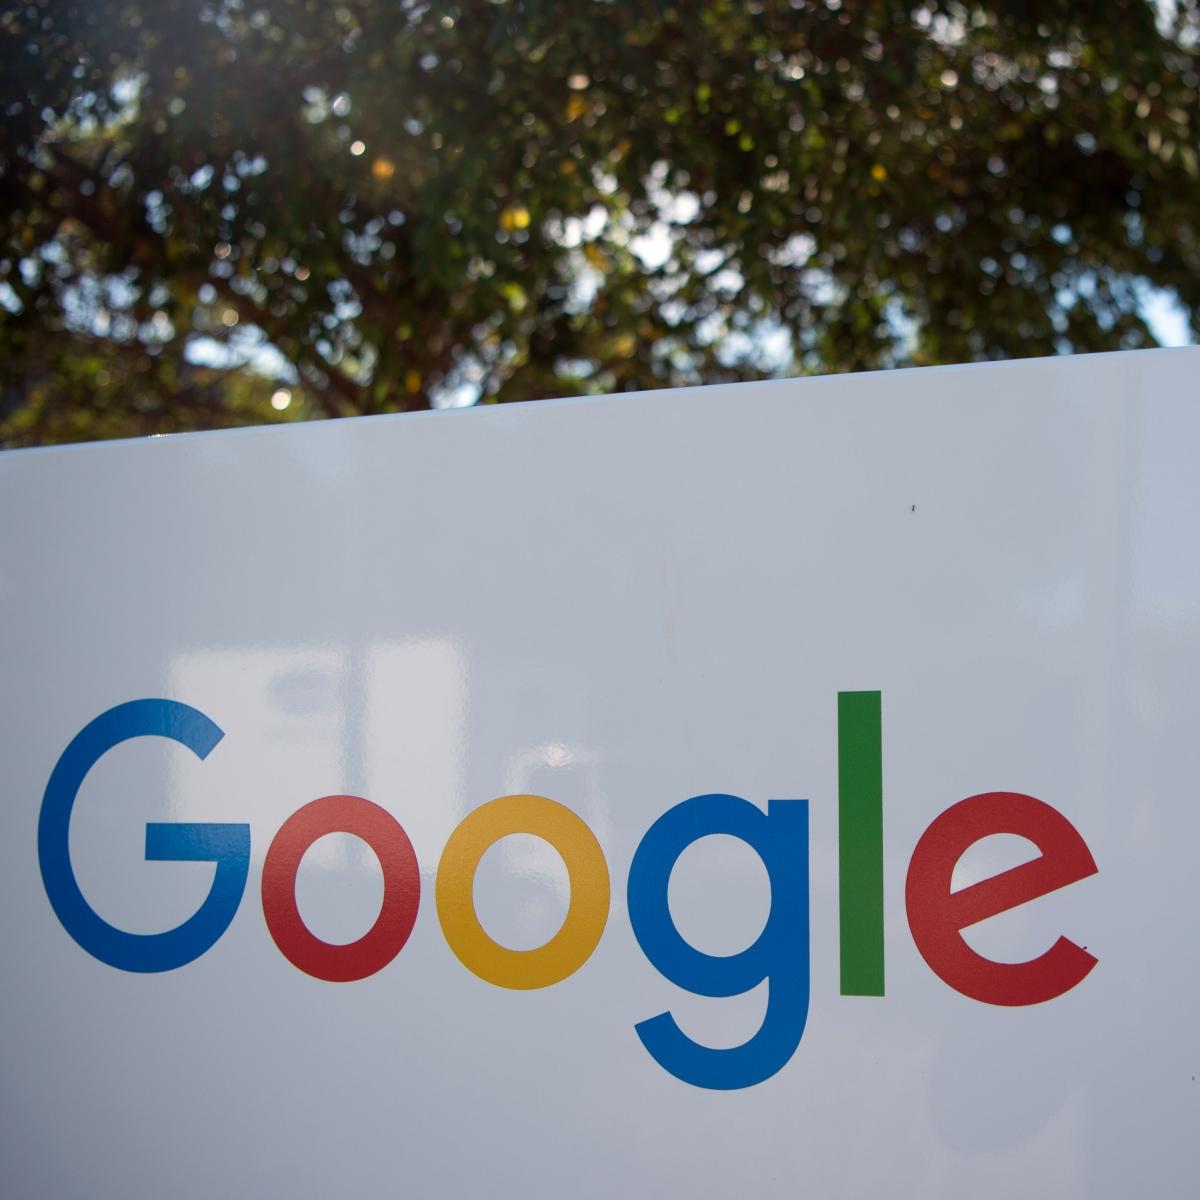 Coronavirus update: Google forms virus fund to support temporary staff